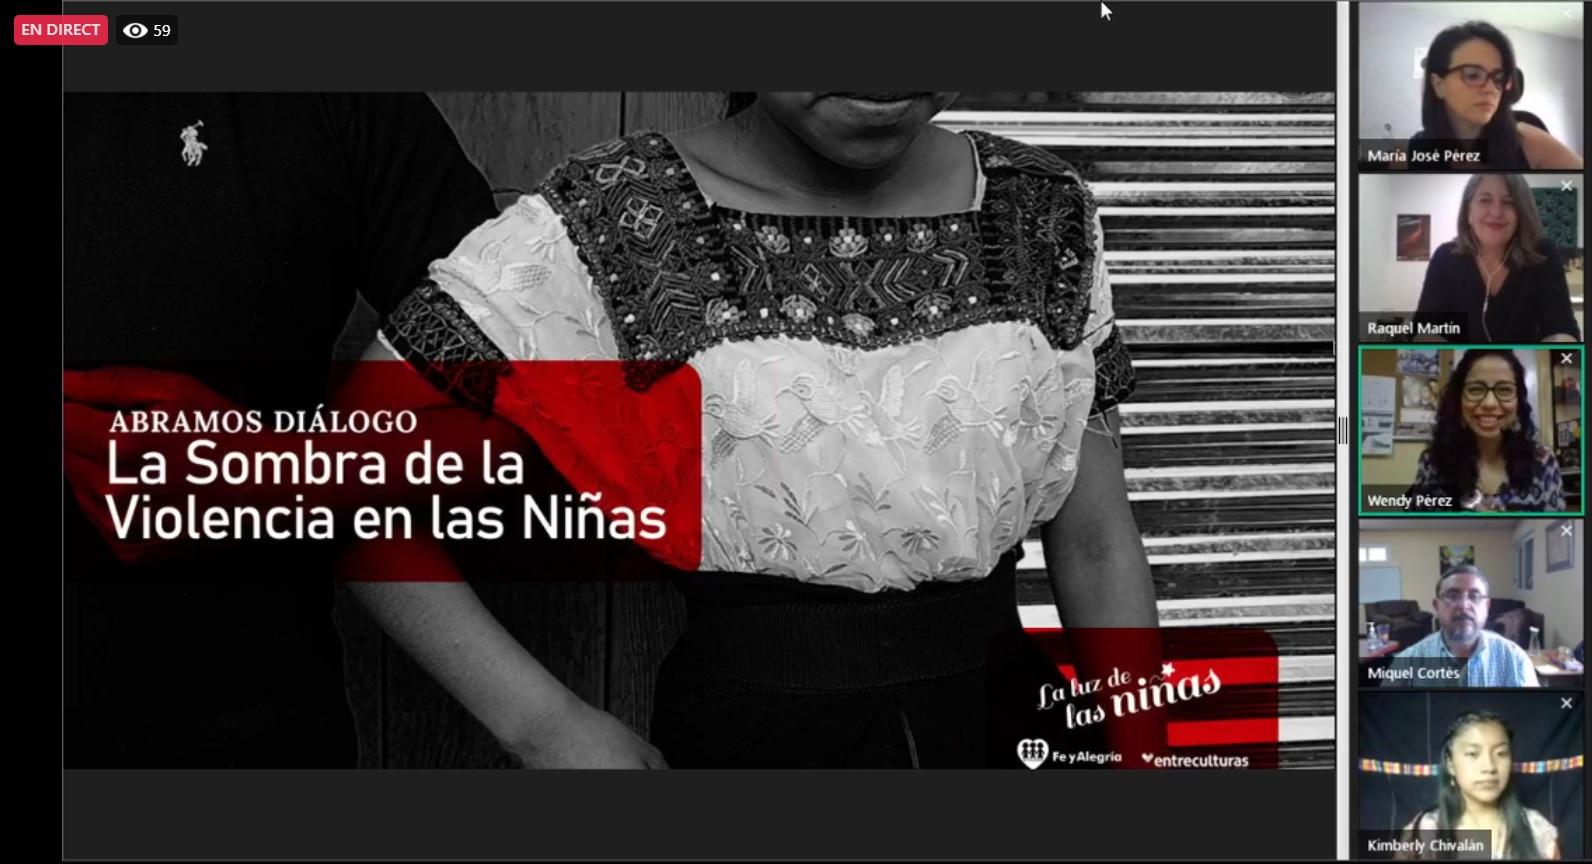 #AbramosDíalogo: La Sombra de la Violencia en las Niñas